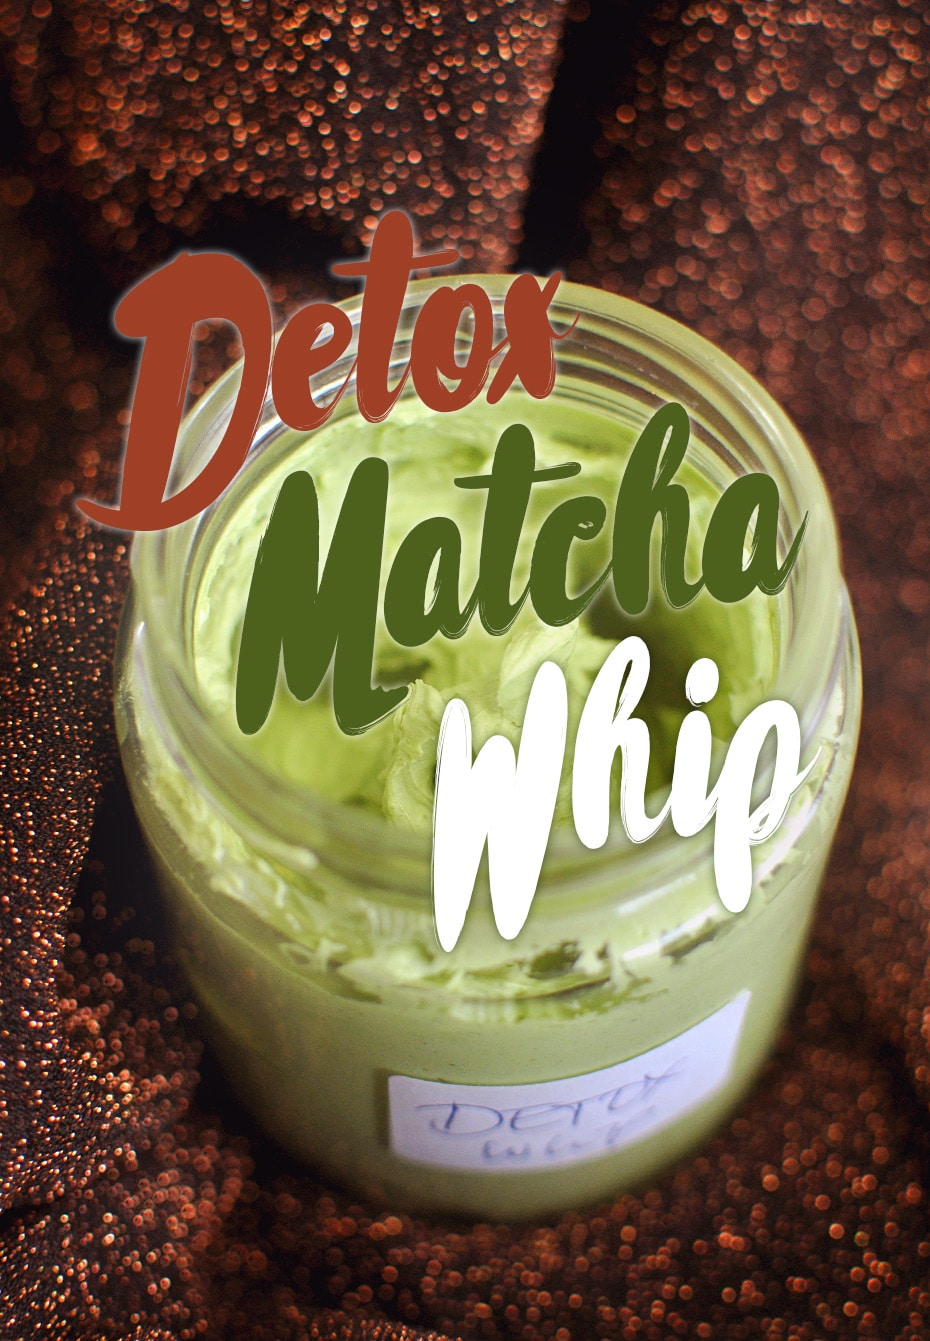 Detox Matcha Whip Körpersahne | Schwatz Katz